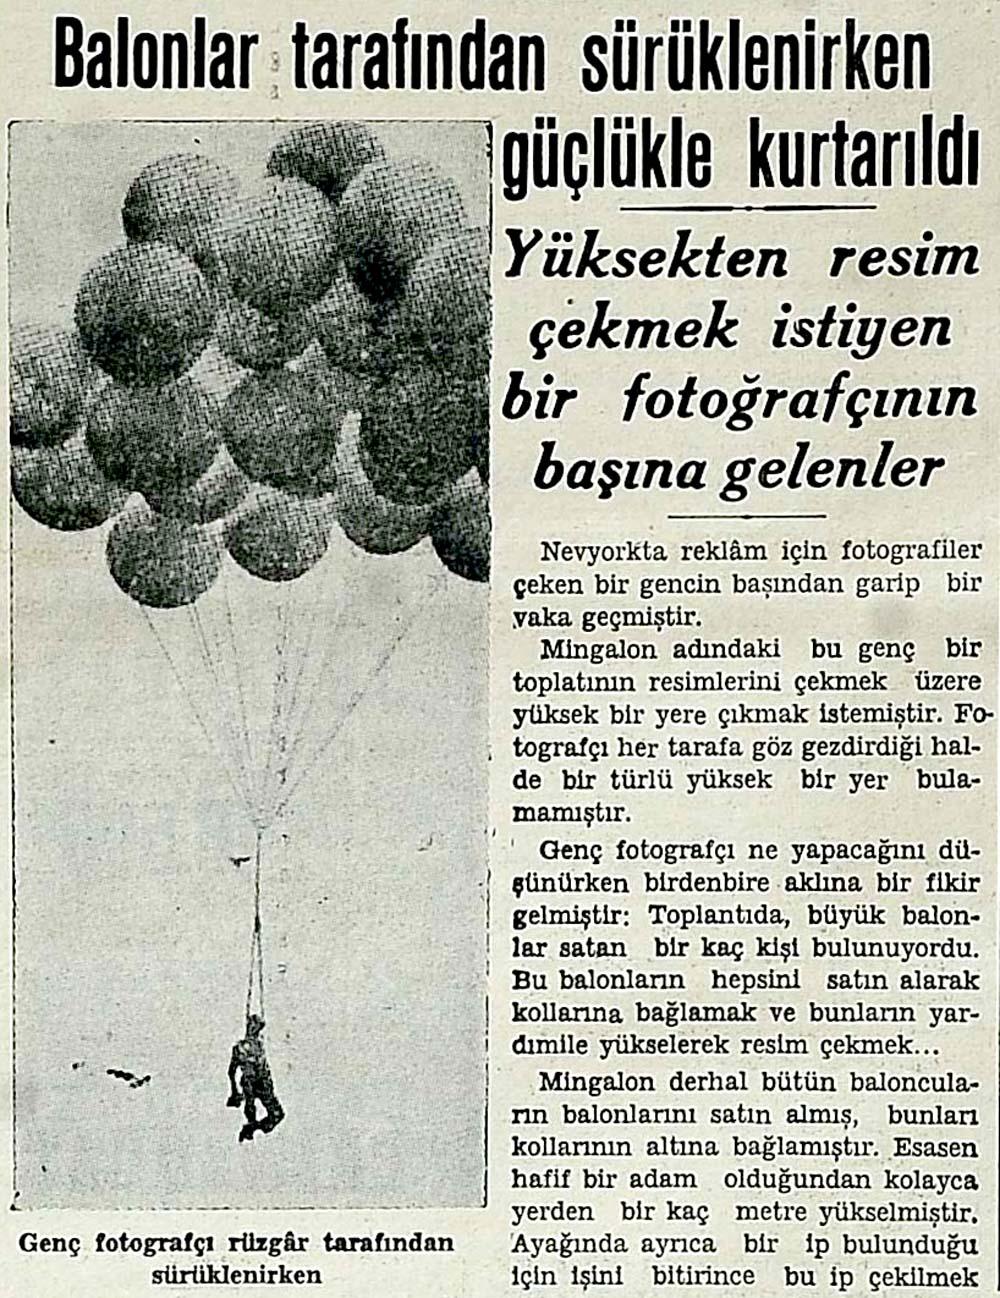 Balonlar tarafından sürüklenirken güçlükle kurtarıldı